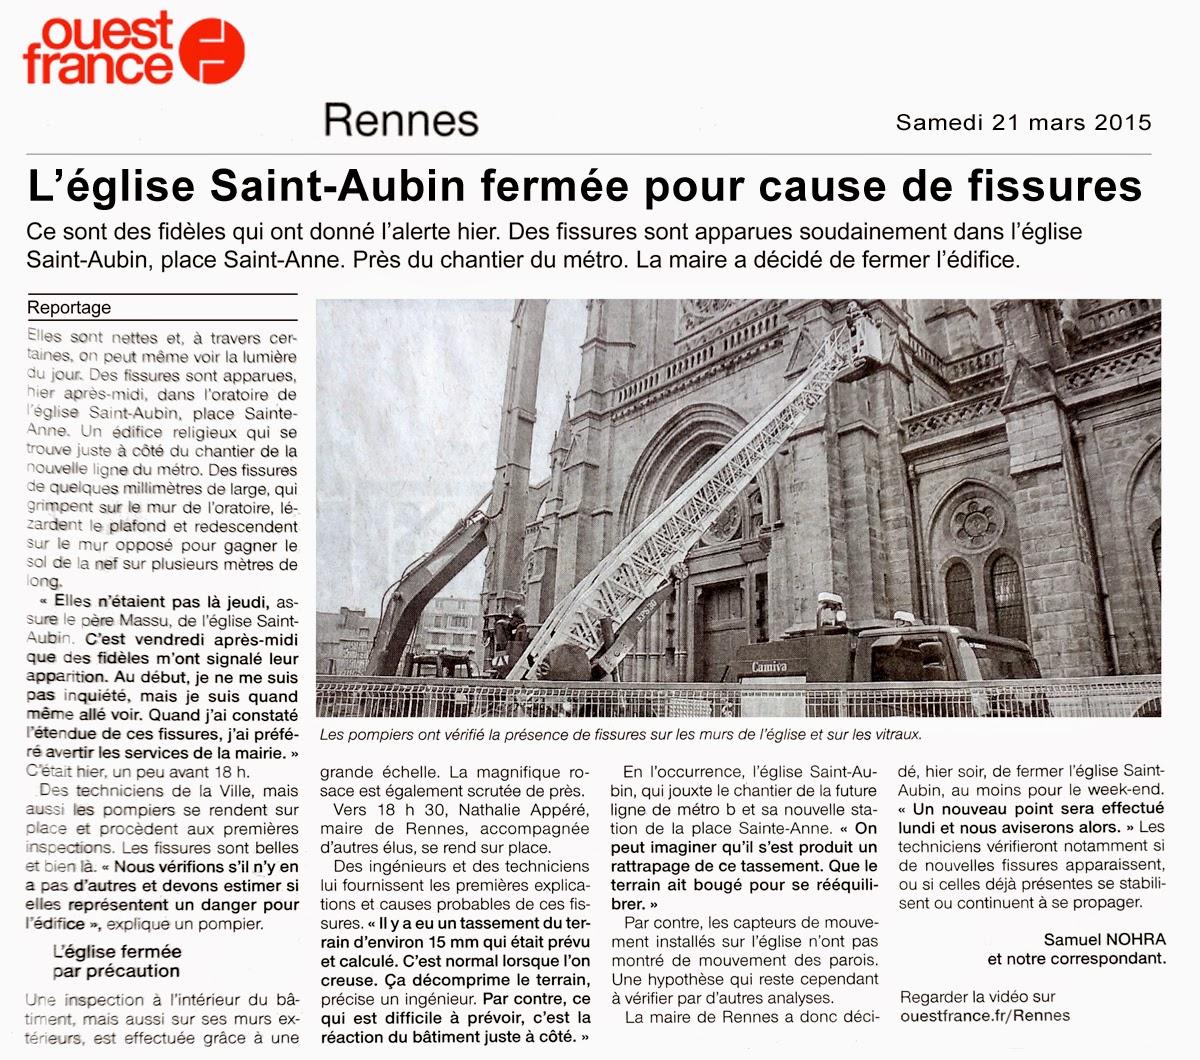 L'église Saint-Aubin fermée pour cause de fissures - Ouest-France - Samedi 21 mars 2015